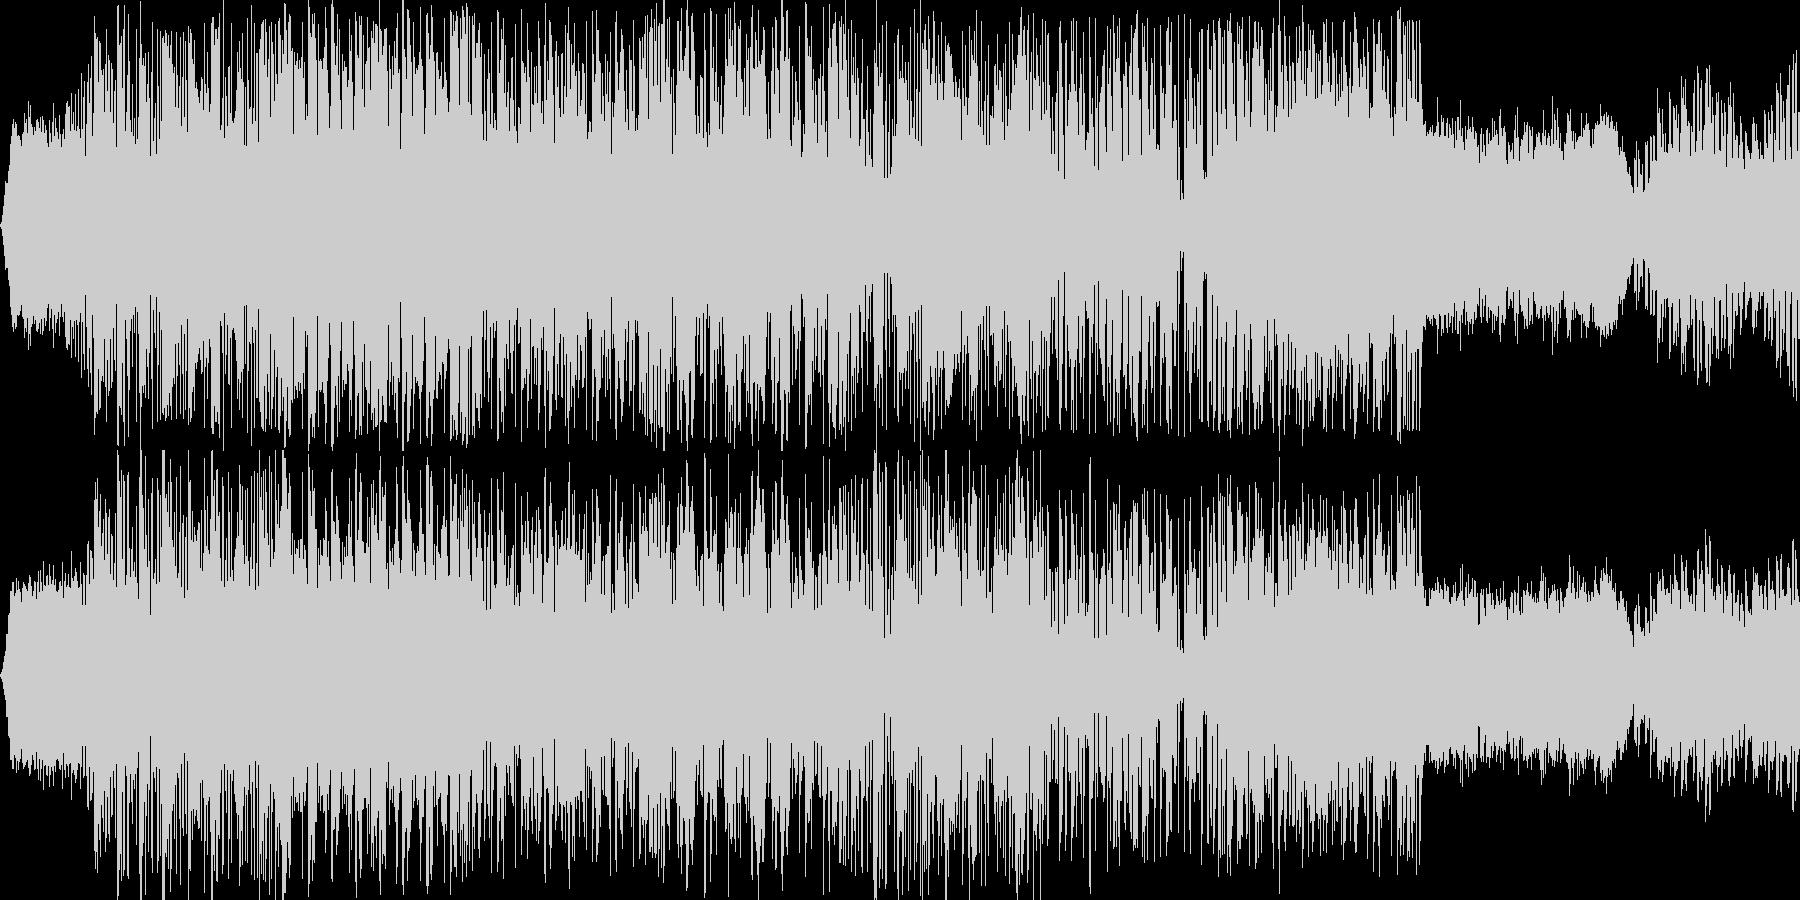 近未来ヒップ・ホップ・ジャズ風の未再生の波形